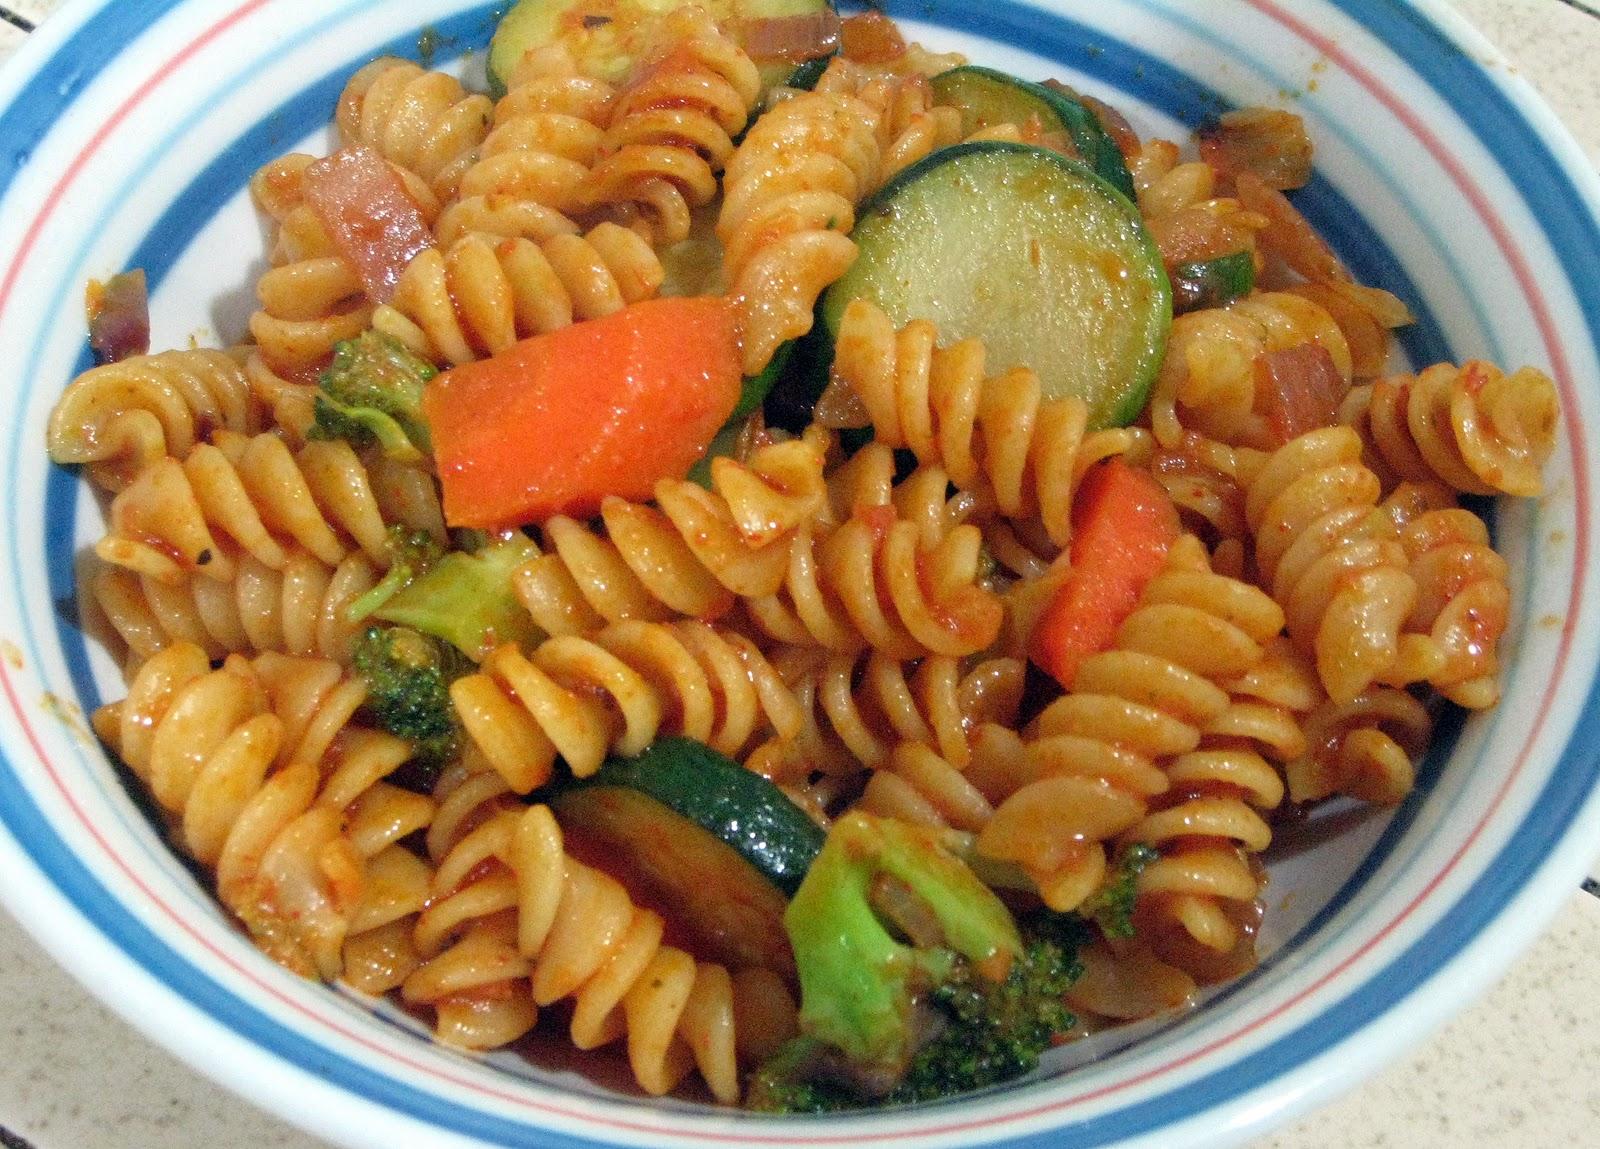 Simple Vegetarian Recipes: Pasta Primavera